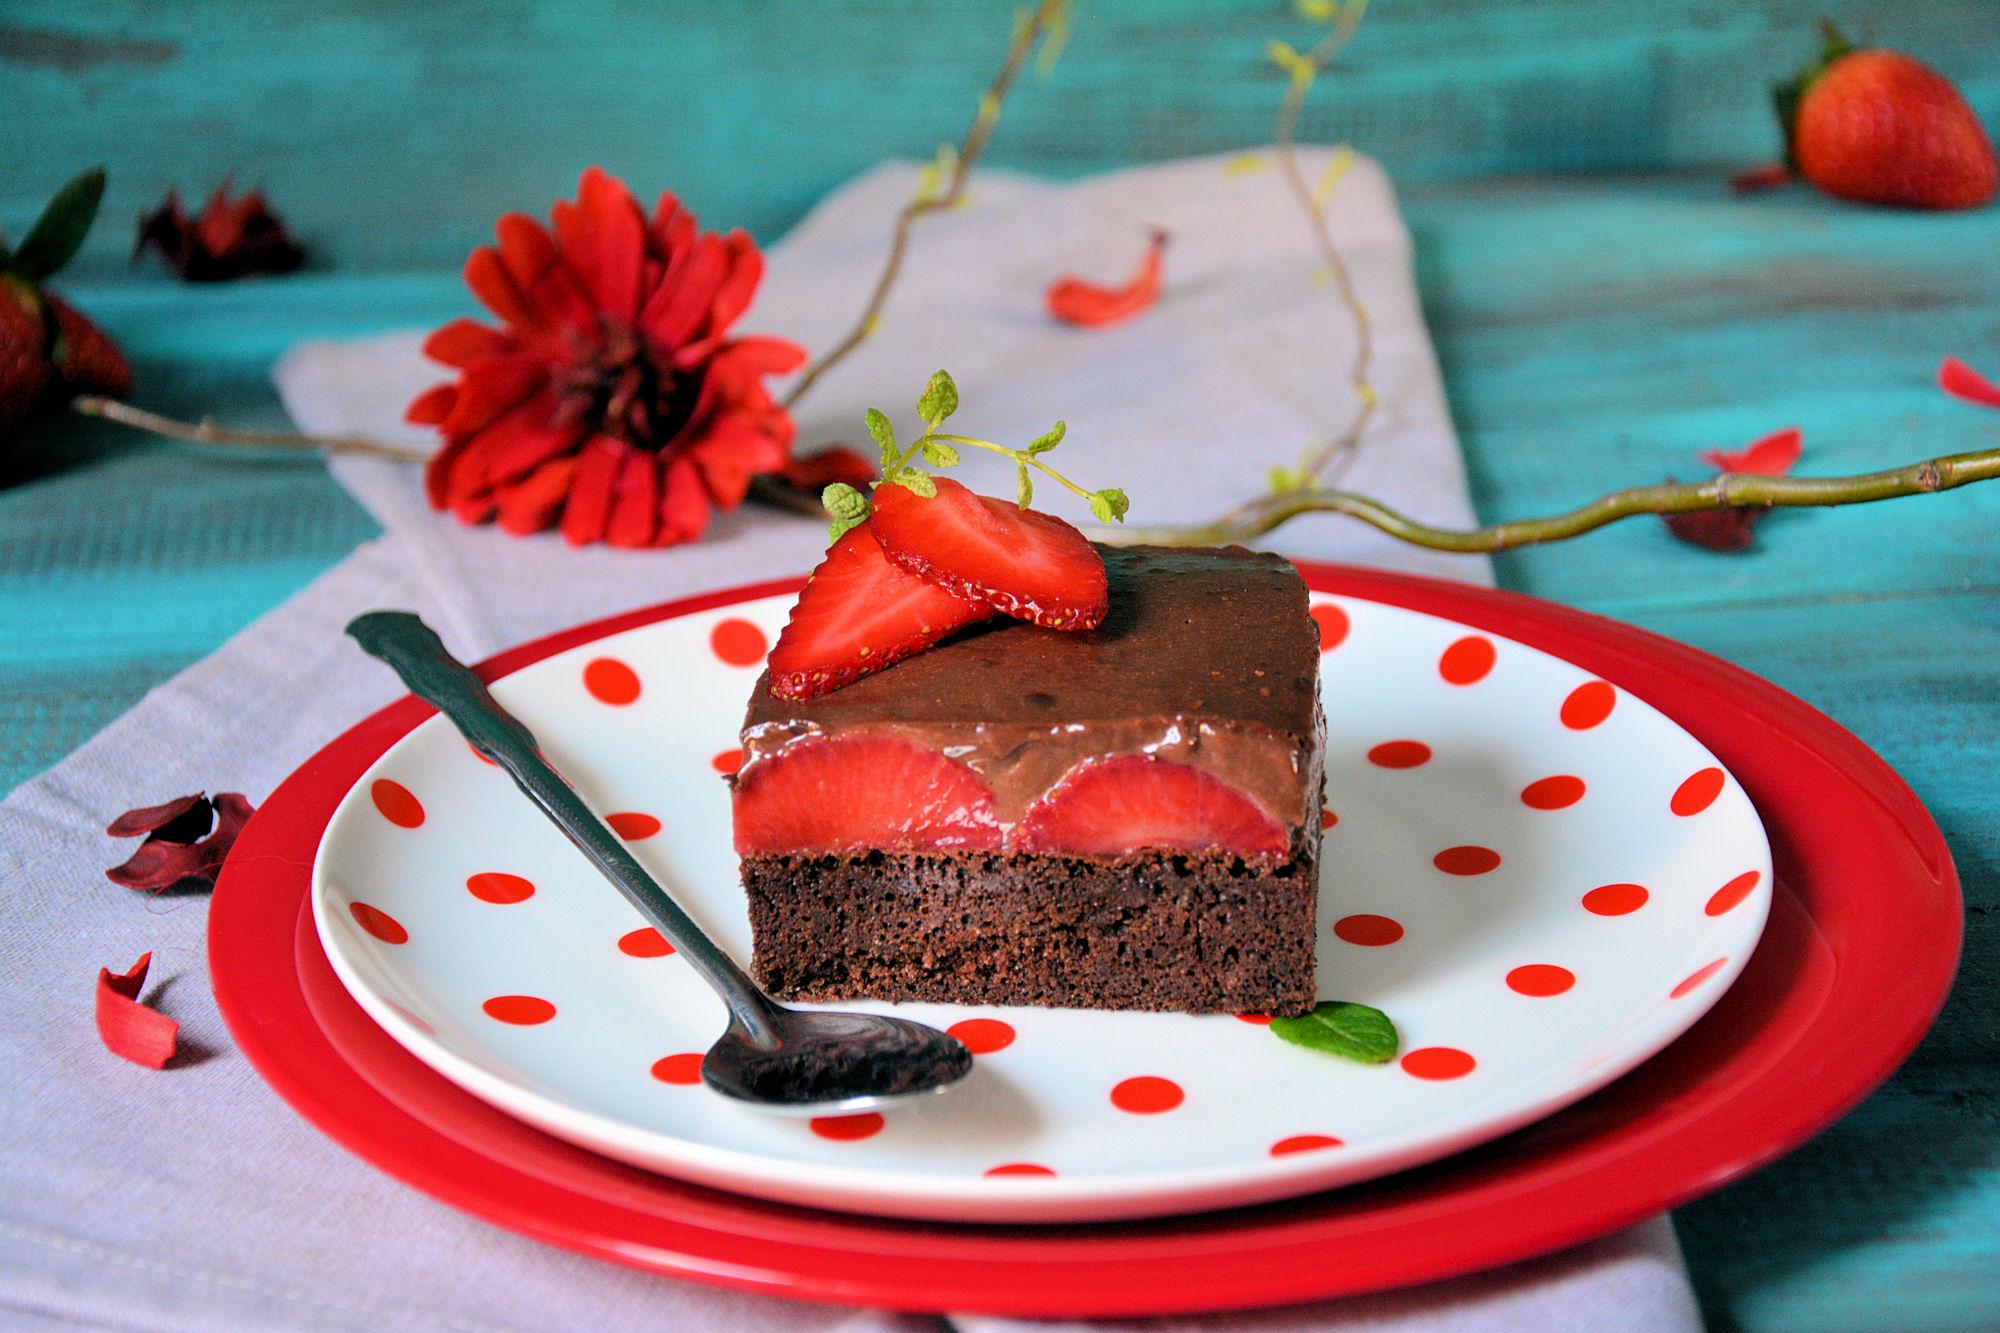 Čokoladni kolač sa jagodama (video)